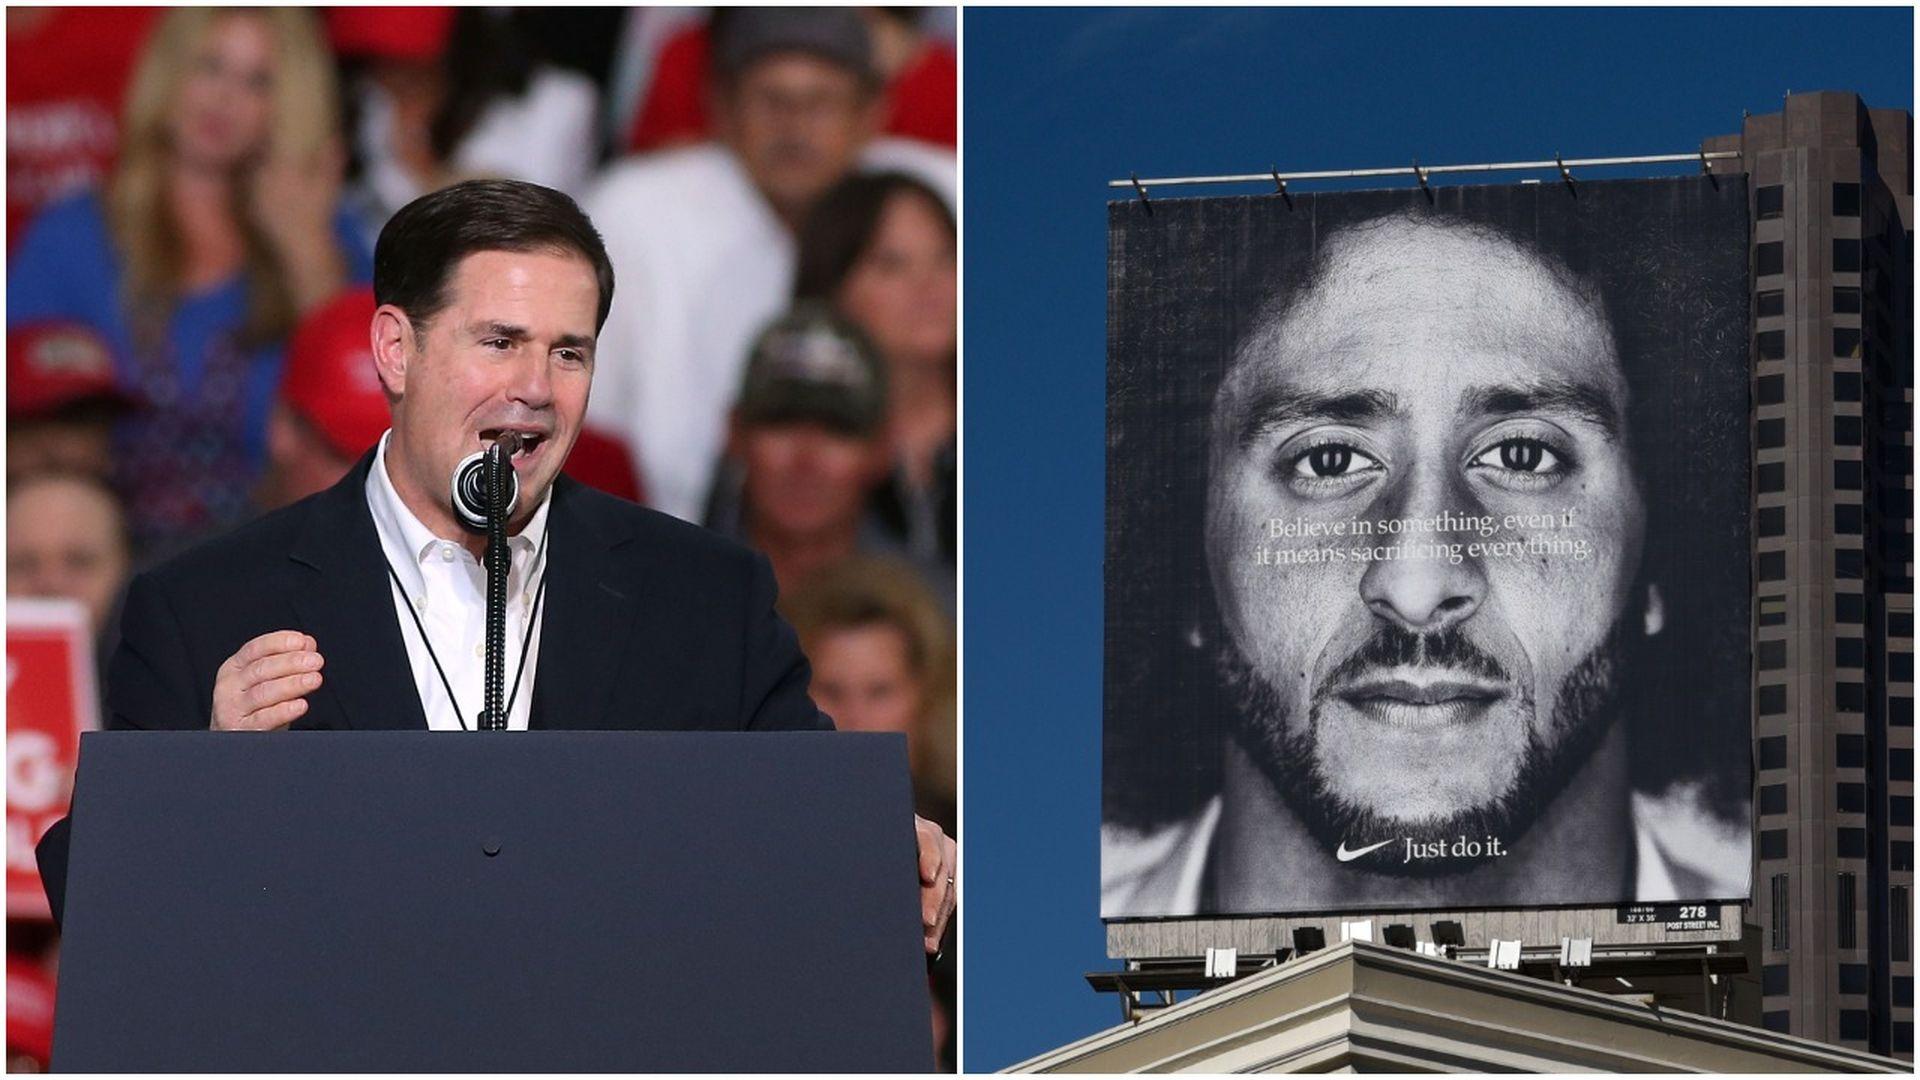 Gov. Doug Ducey and former NFL quarterback turned activist Colin Kaepernick.